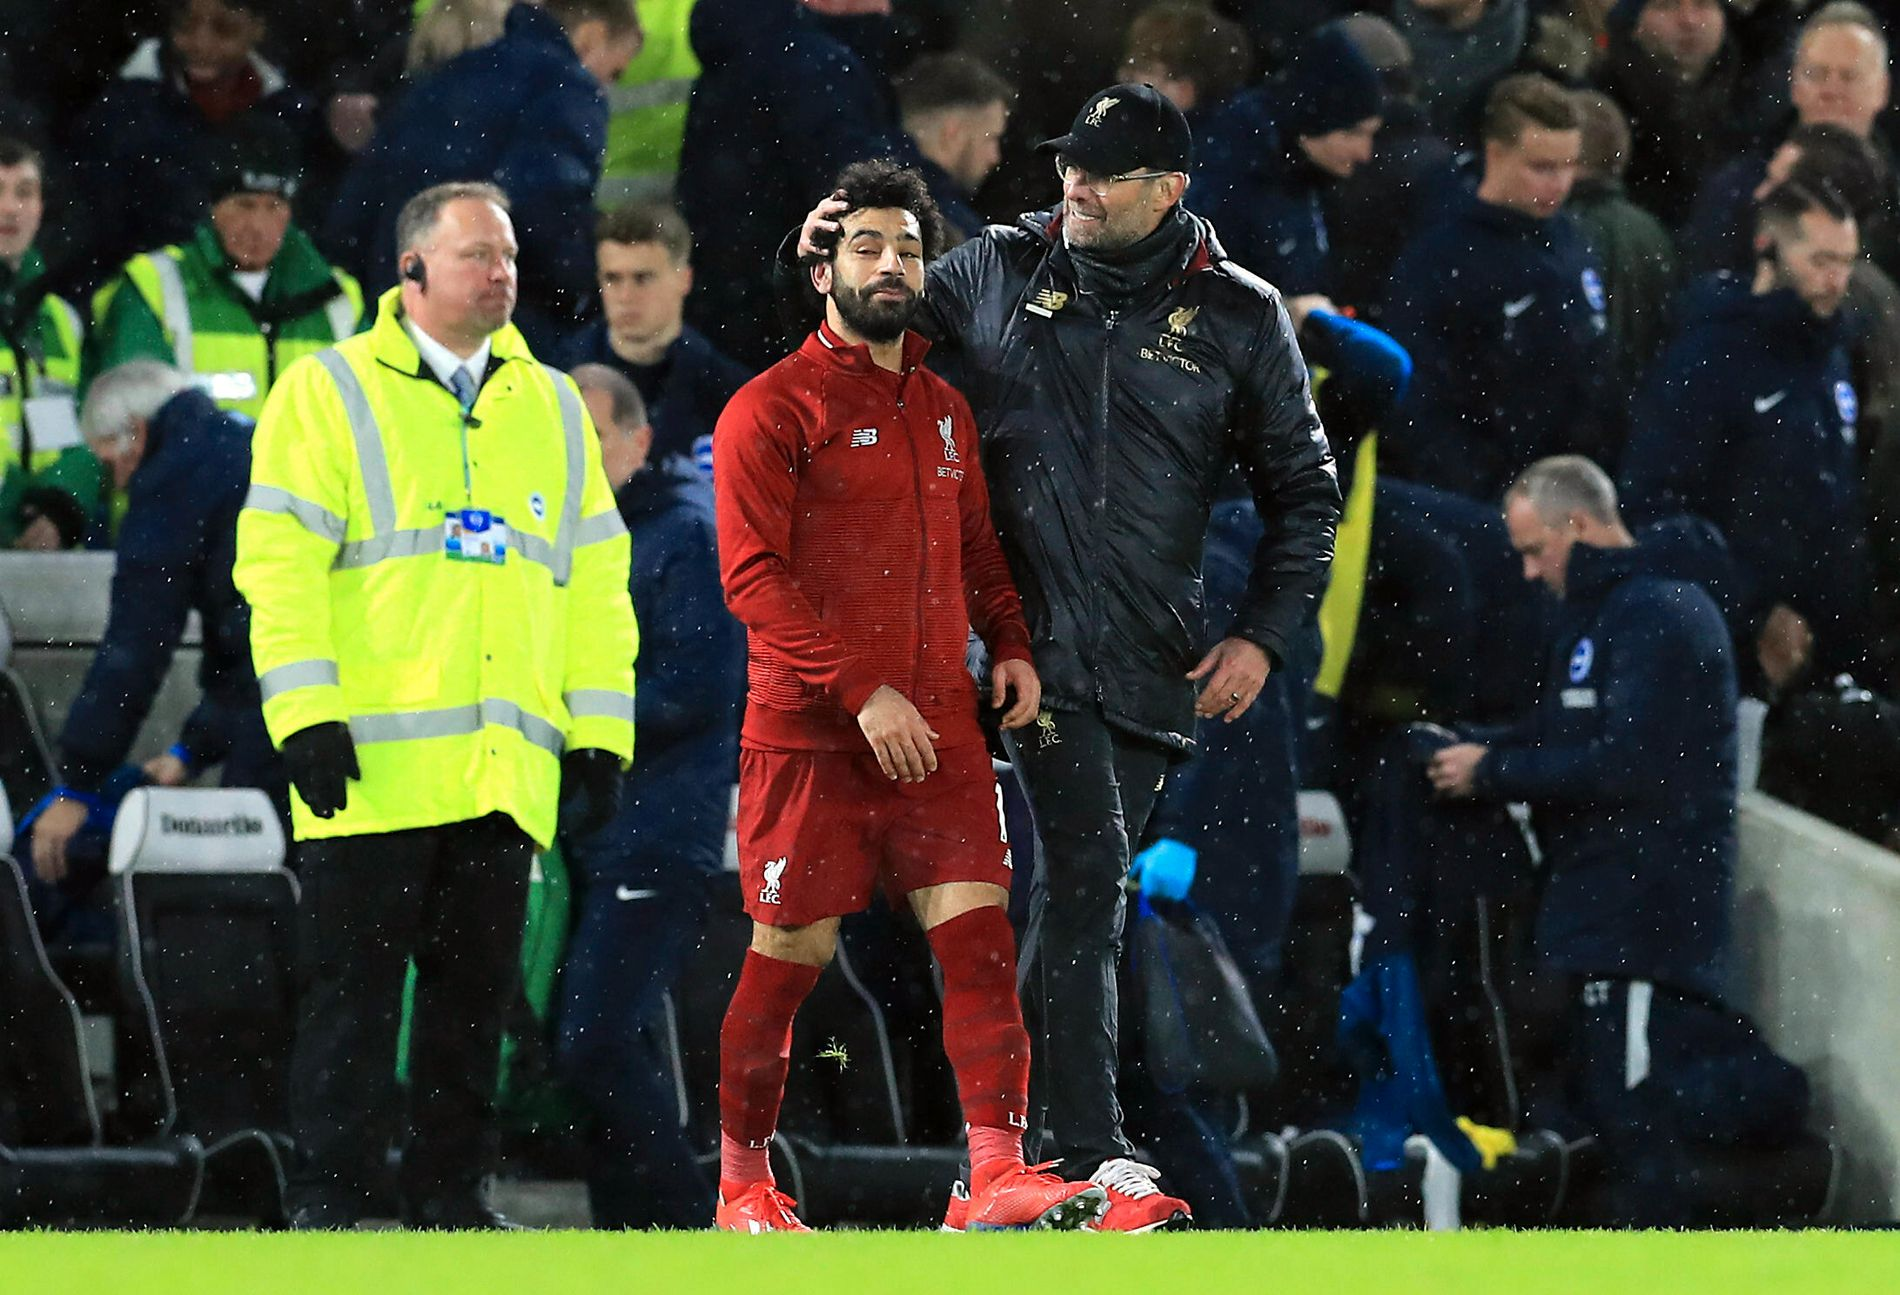 Jürgen Klopp ville i utgangspunktet ikke kjøpe Mohamed Salah, men lot seg overbevise av sin sportsdirektør, Michael Edwards.